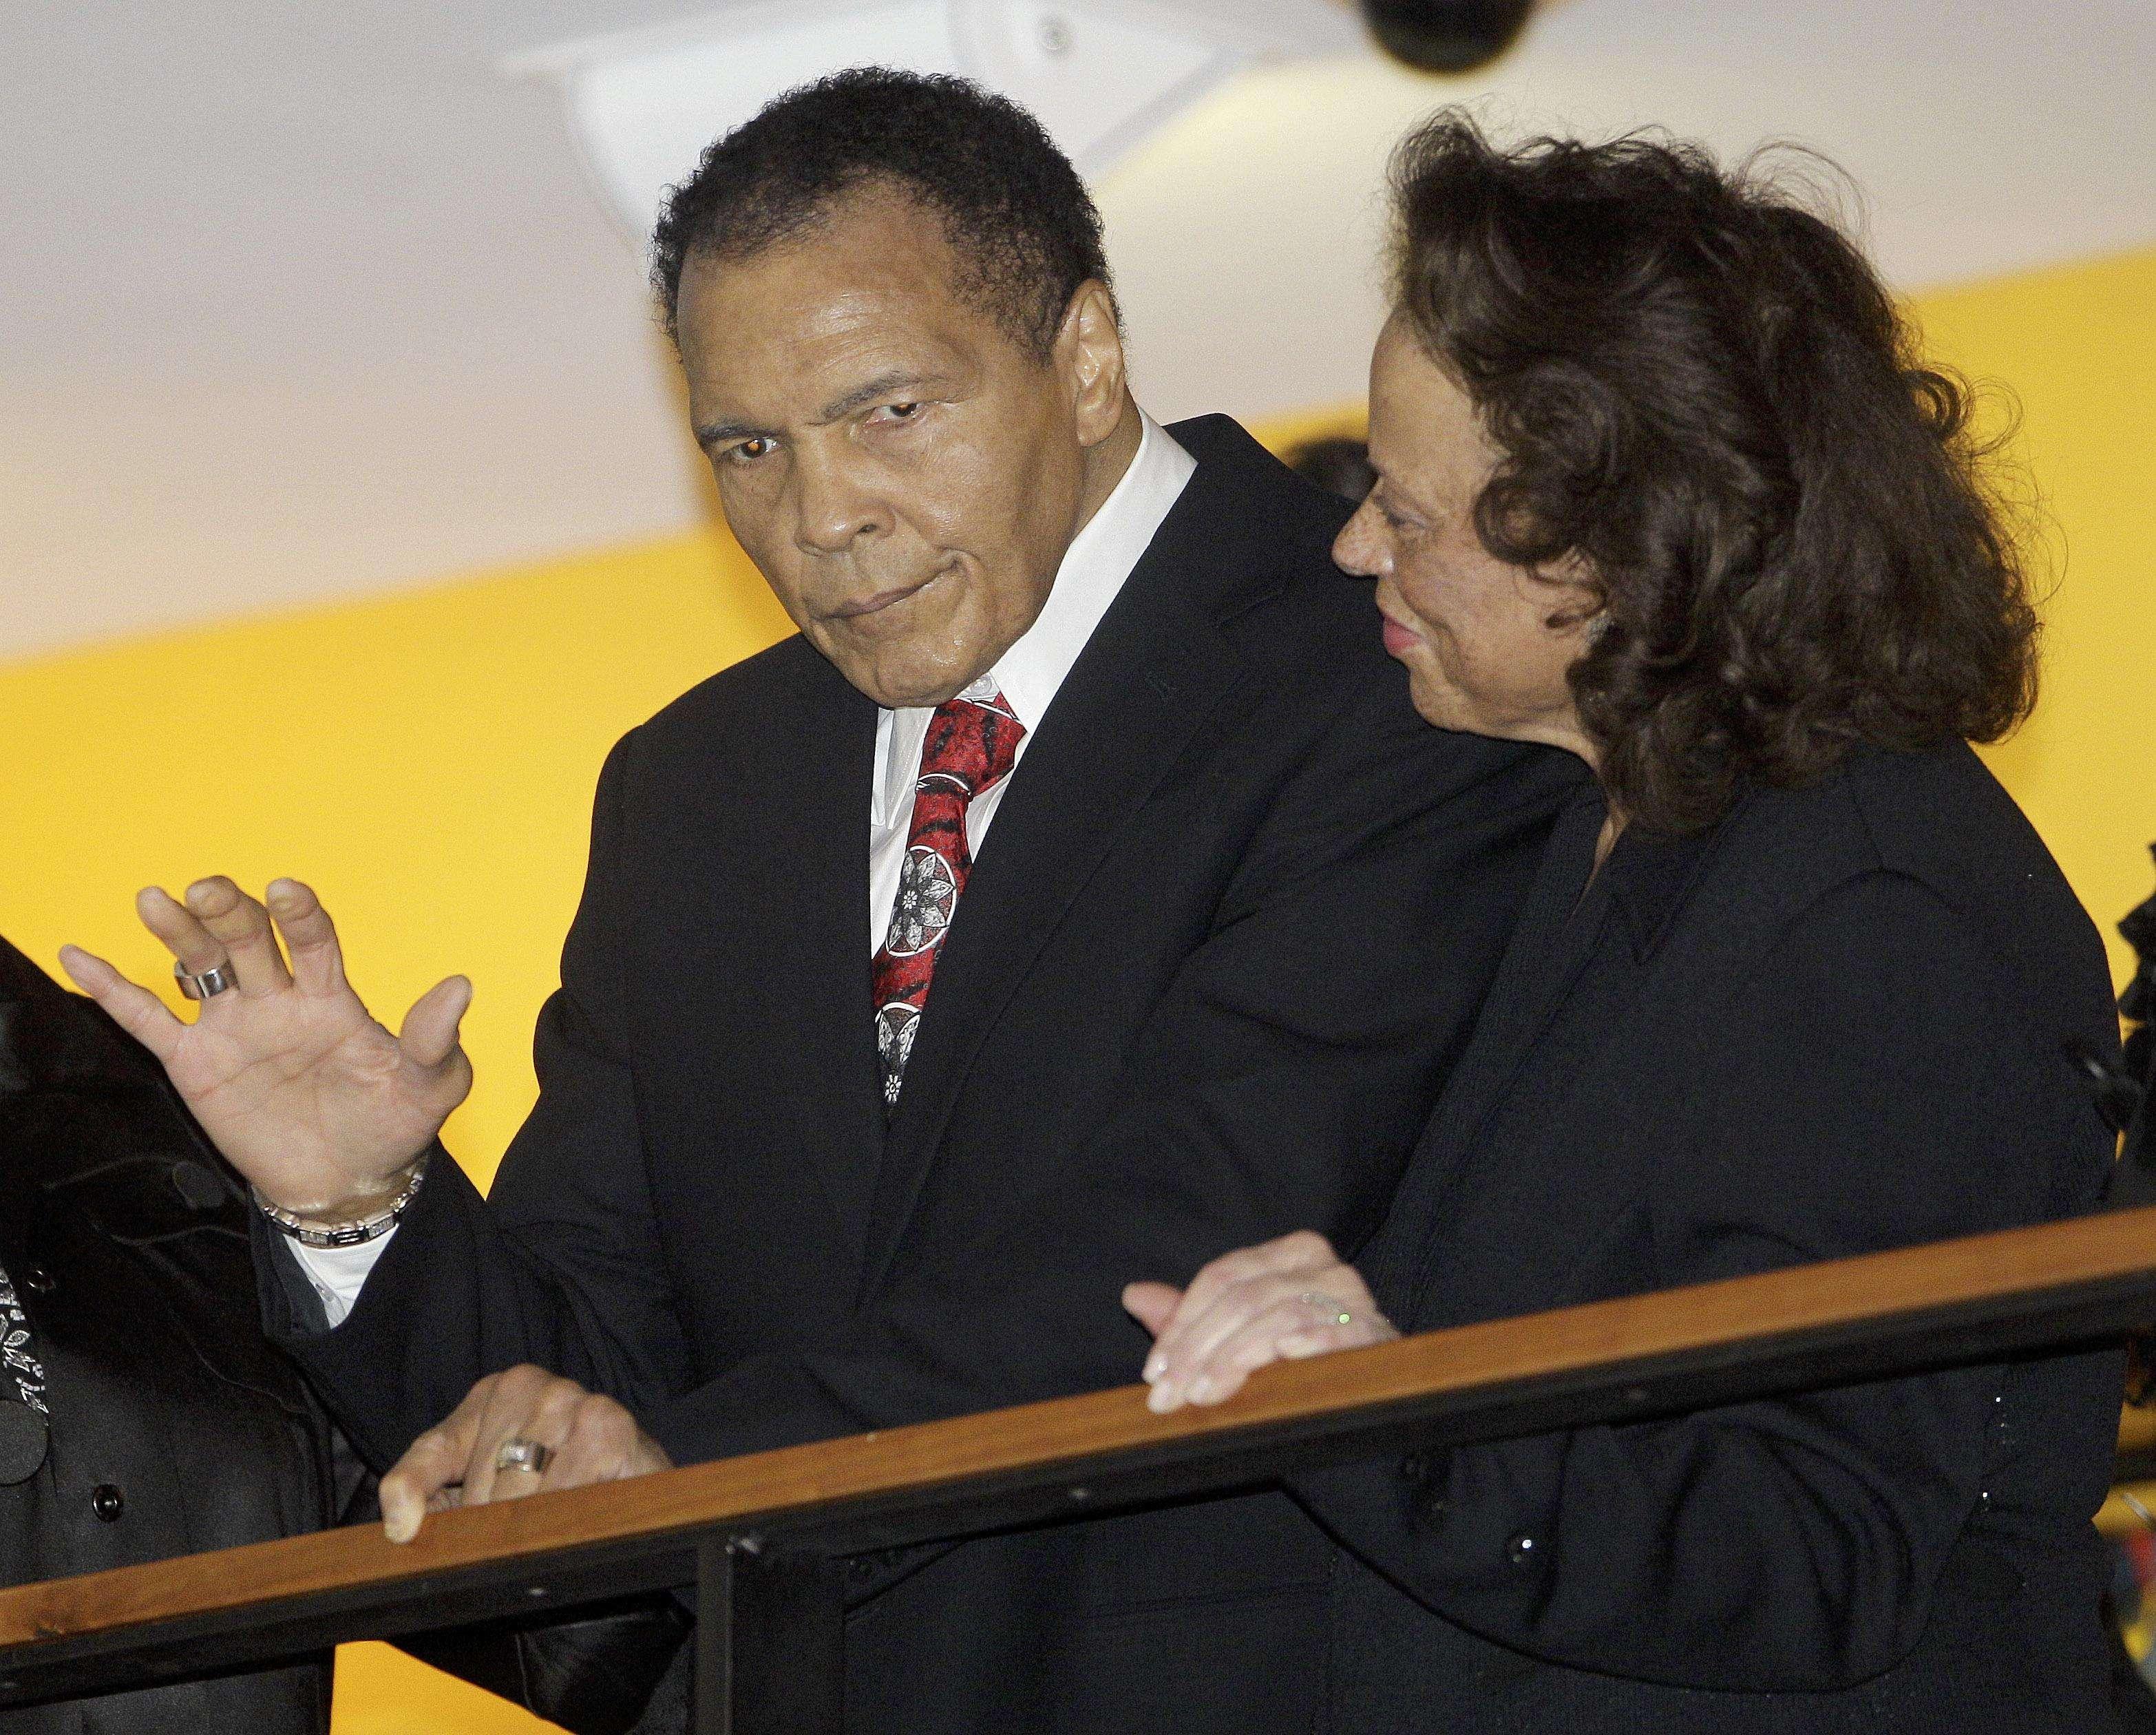 Mohamed Ali y su esposa Lonnie saludan a los asistentes a la celebración del cumpleaños 70 del boxeador en el Centro Mohamed Ali en Louisville, Kentuky en una fotografía de archivo del 14 de enero de 2012. Ali entregará en el centro los primeros Premios Humanitarios Mohamed Ali el 3 de octubre, informó el Centro Mohamed Ali el martes 27 de agosto de 2013. Foto: Mark Humphrey, archivo/AP